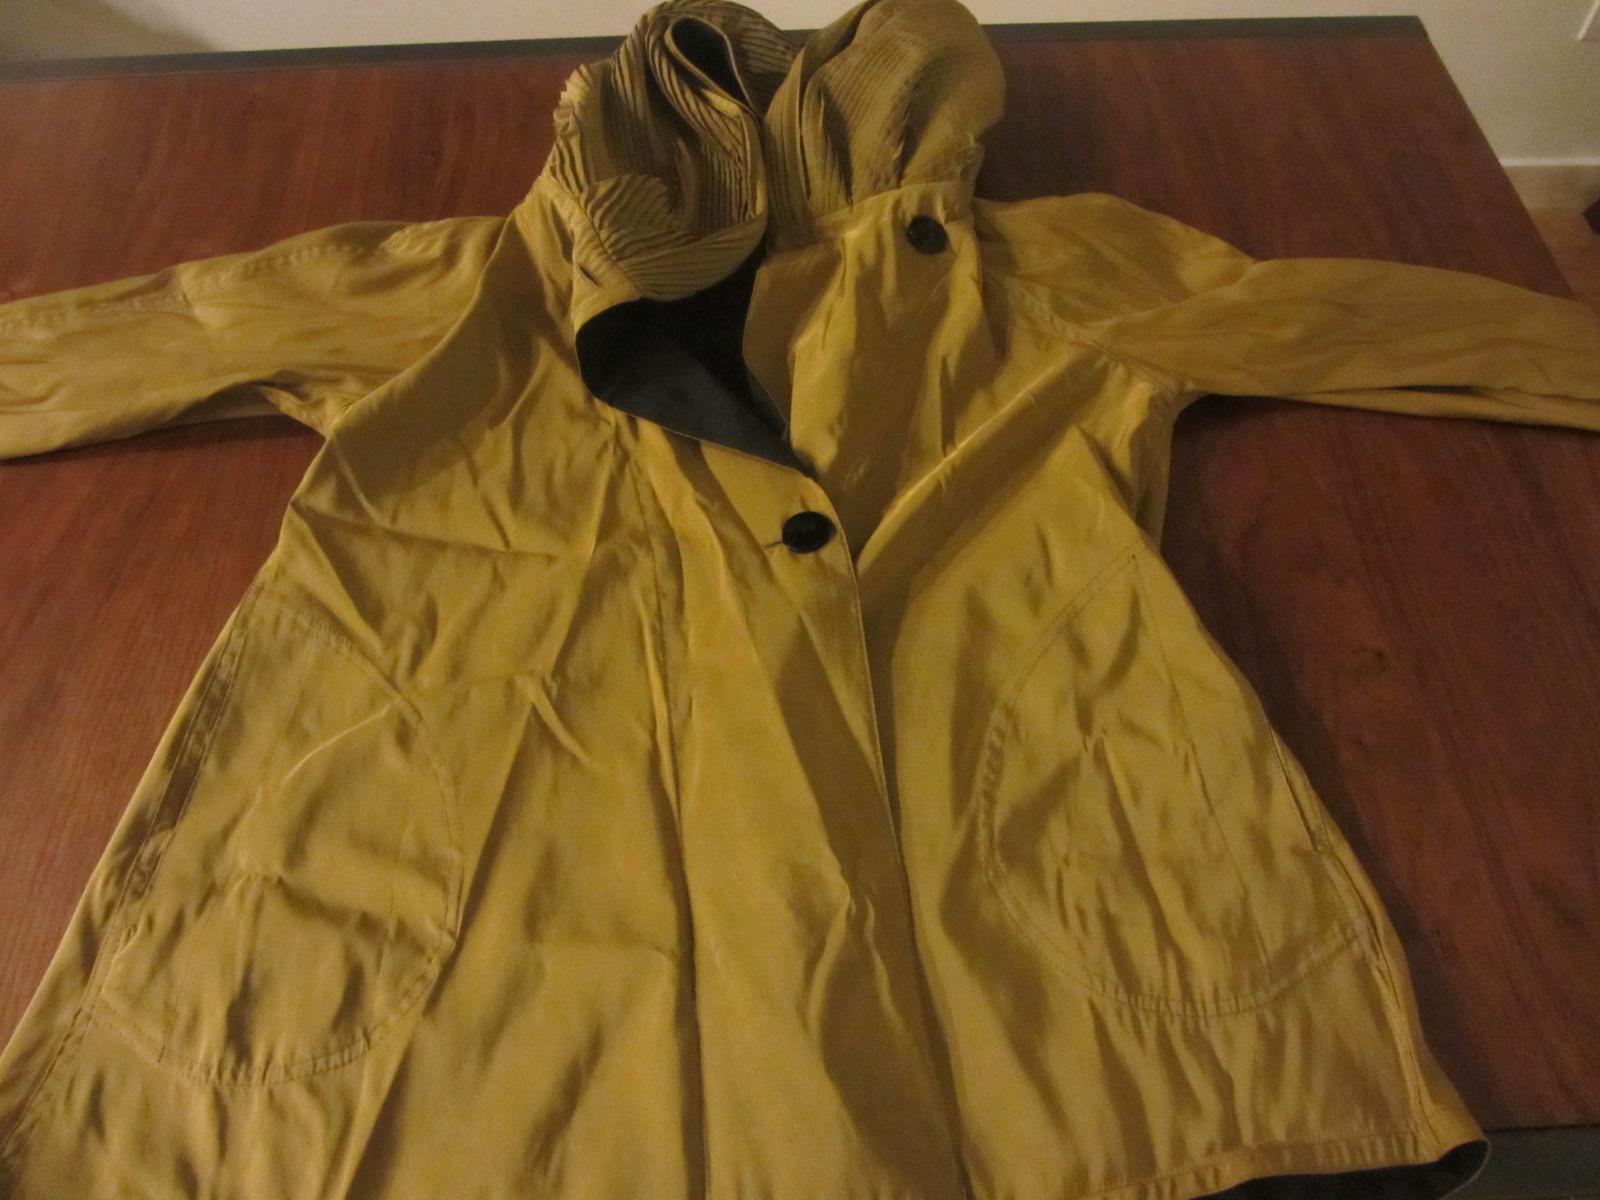 raincoat unfolded